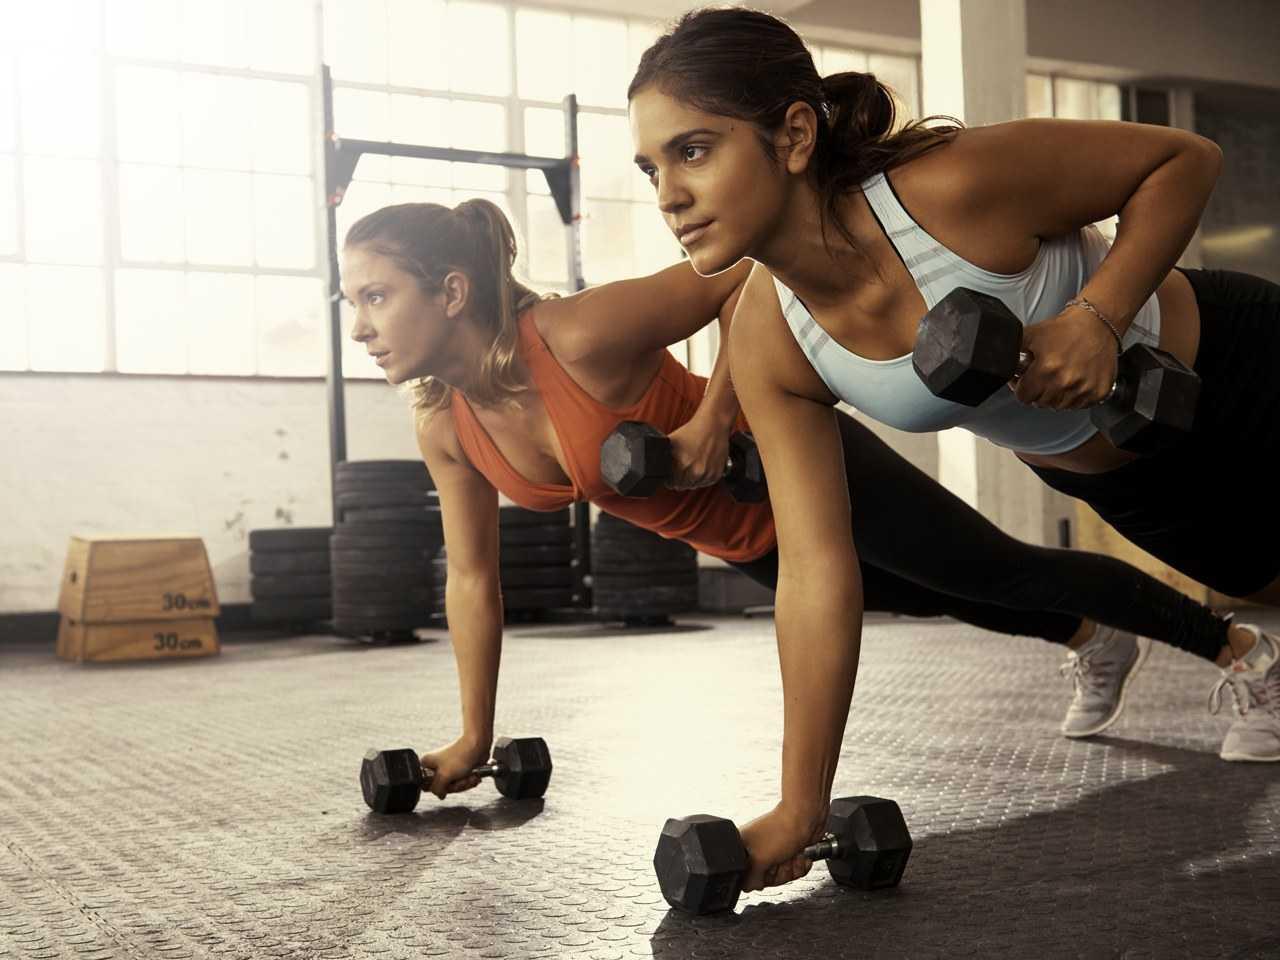 Высокоинтенсивные интервальные тренировки — какая польза? - medical insider